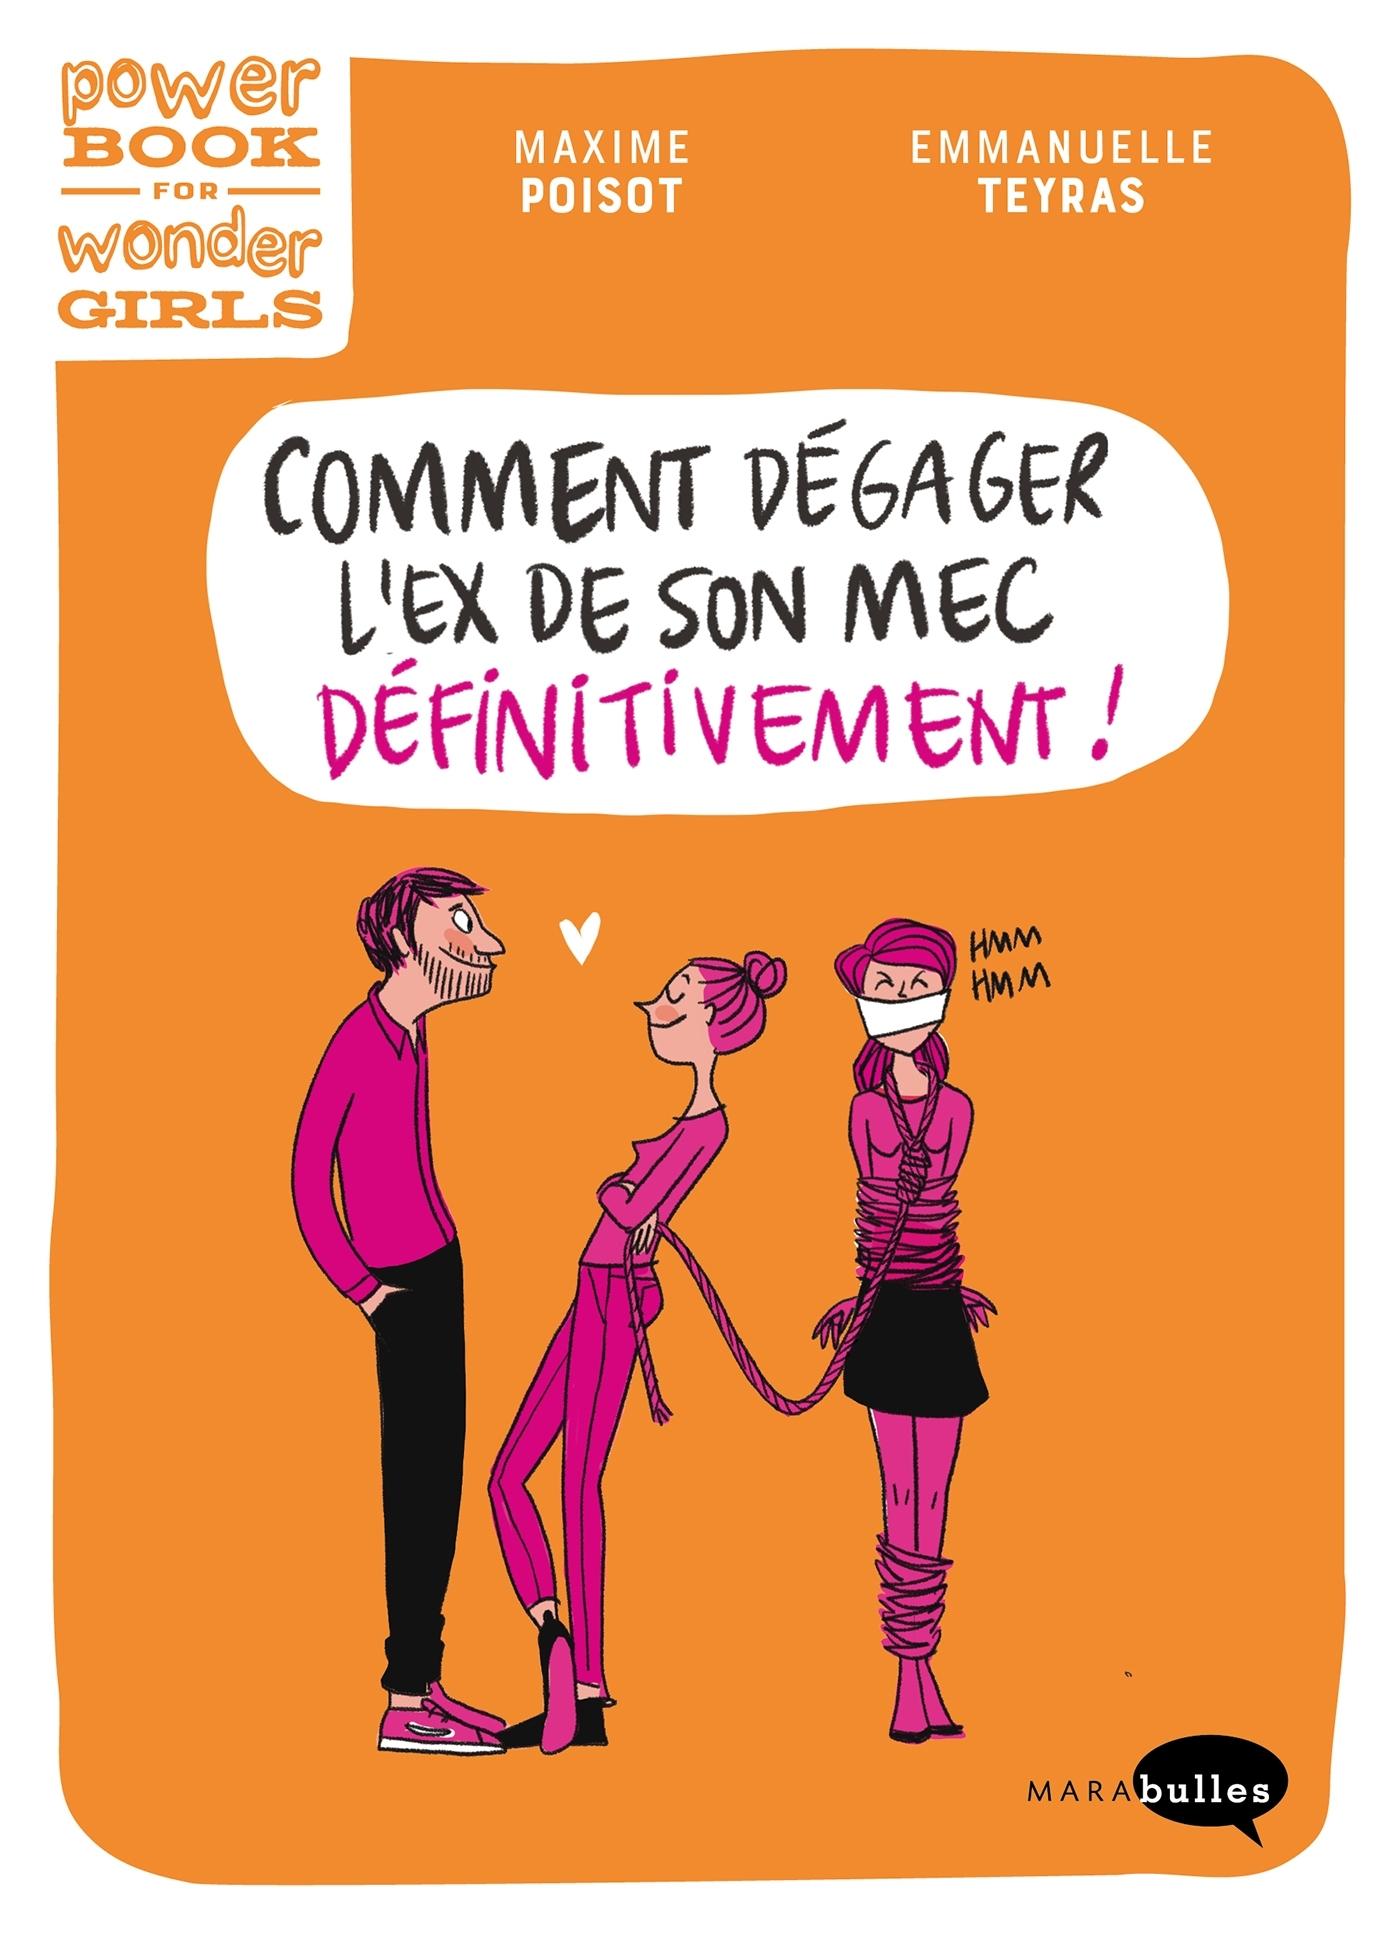 COMMENT DEGAGER L'EX DE SON MEC (DEFINITIVEMENT) ?